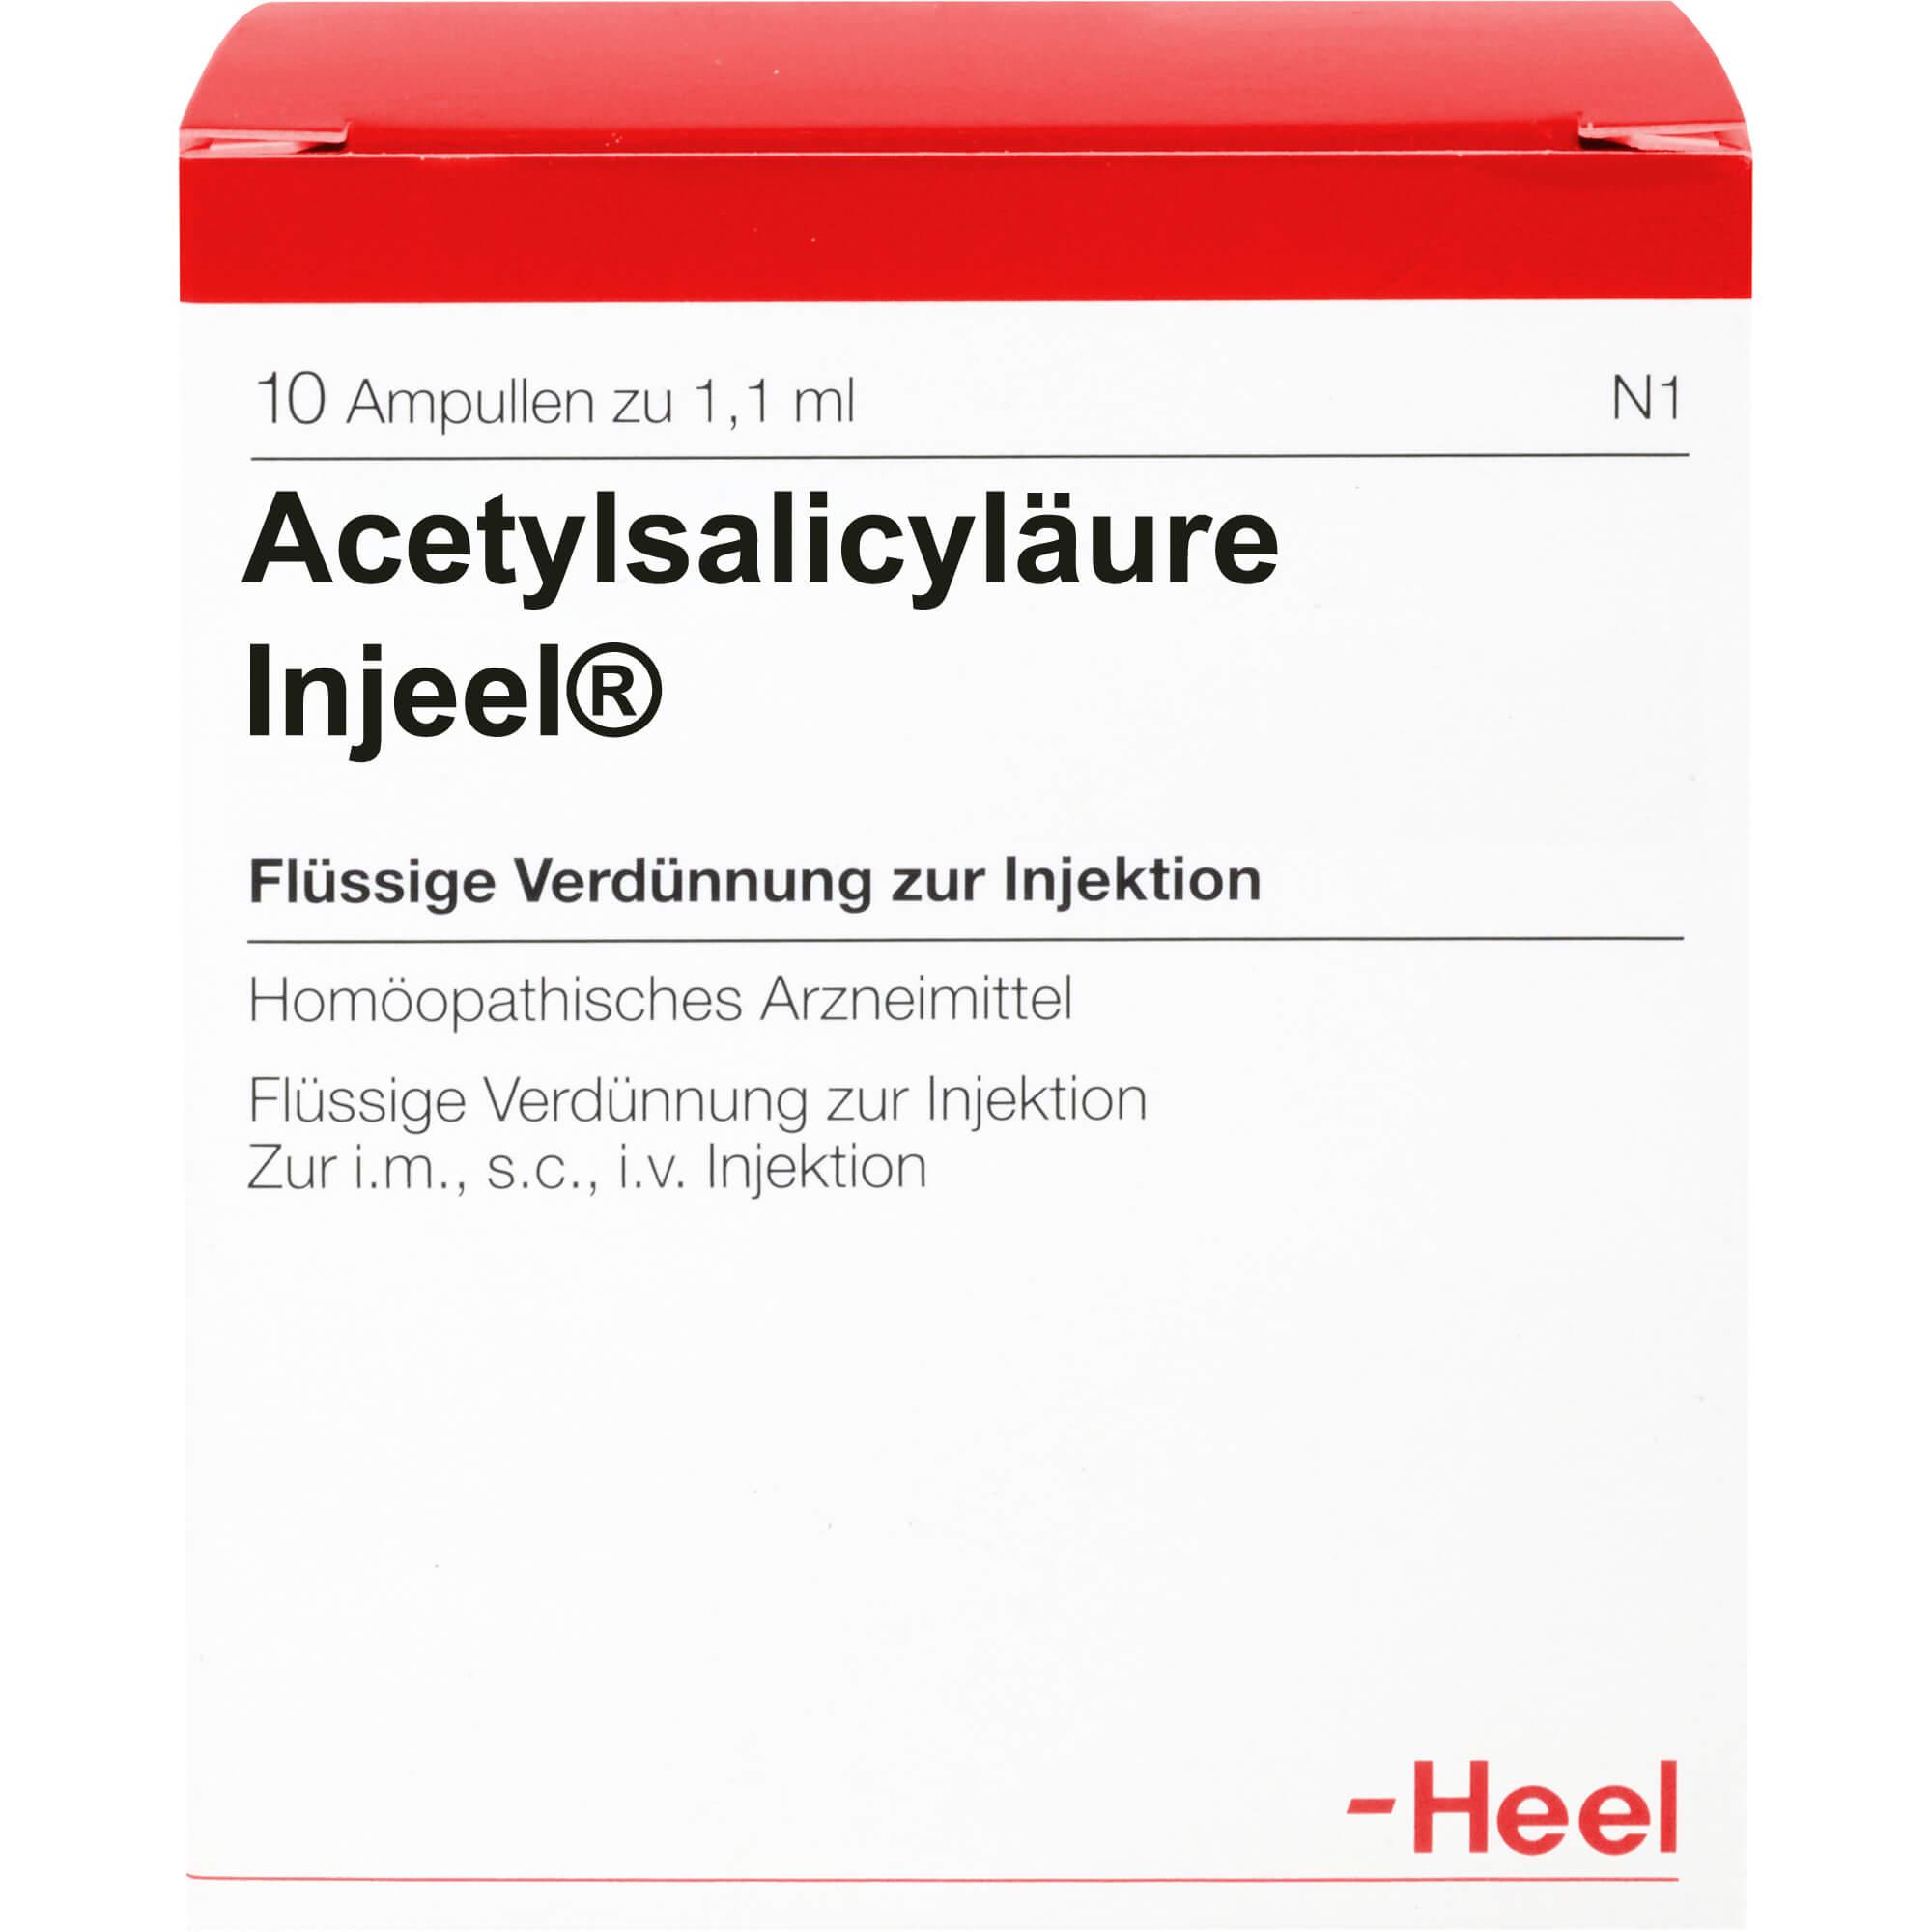 ACETYLSALICYLSAeURE-Injeel-Ampullen